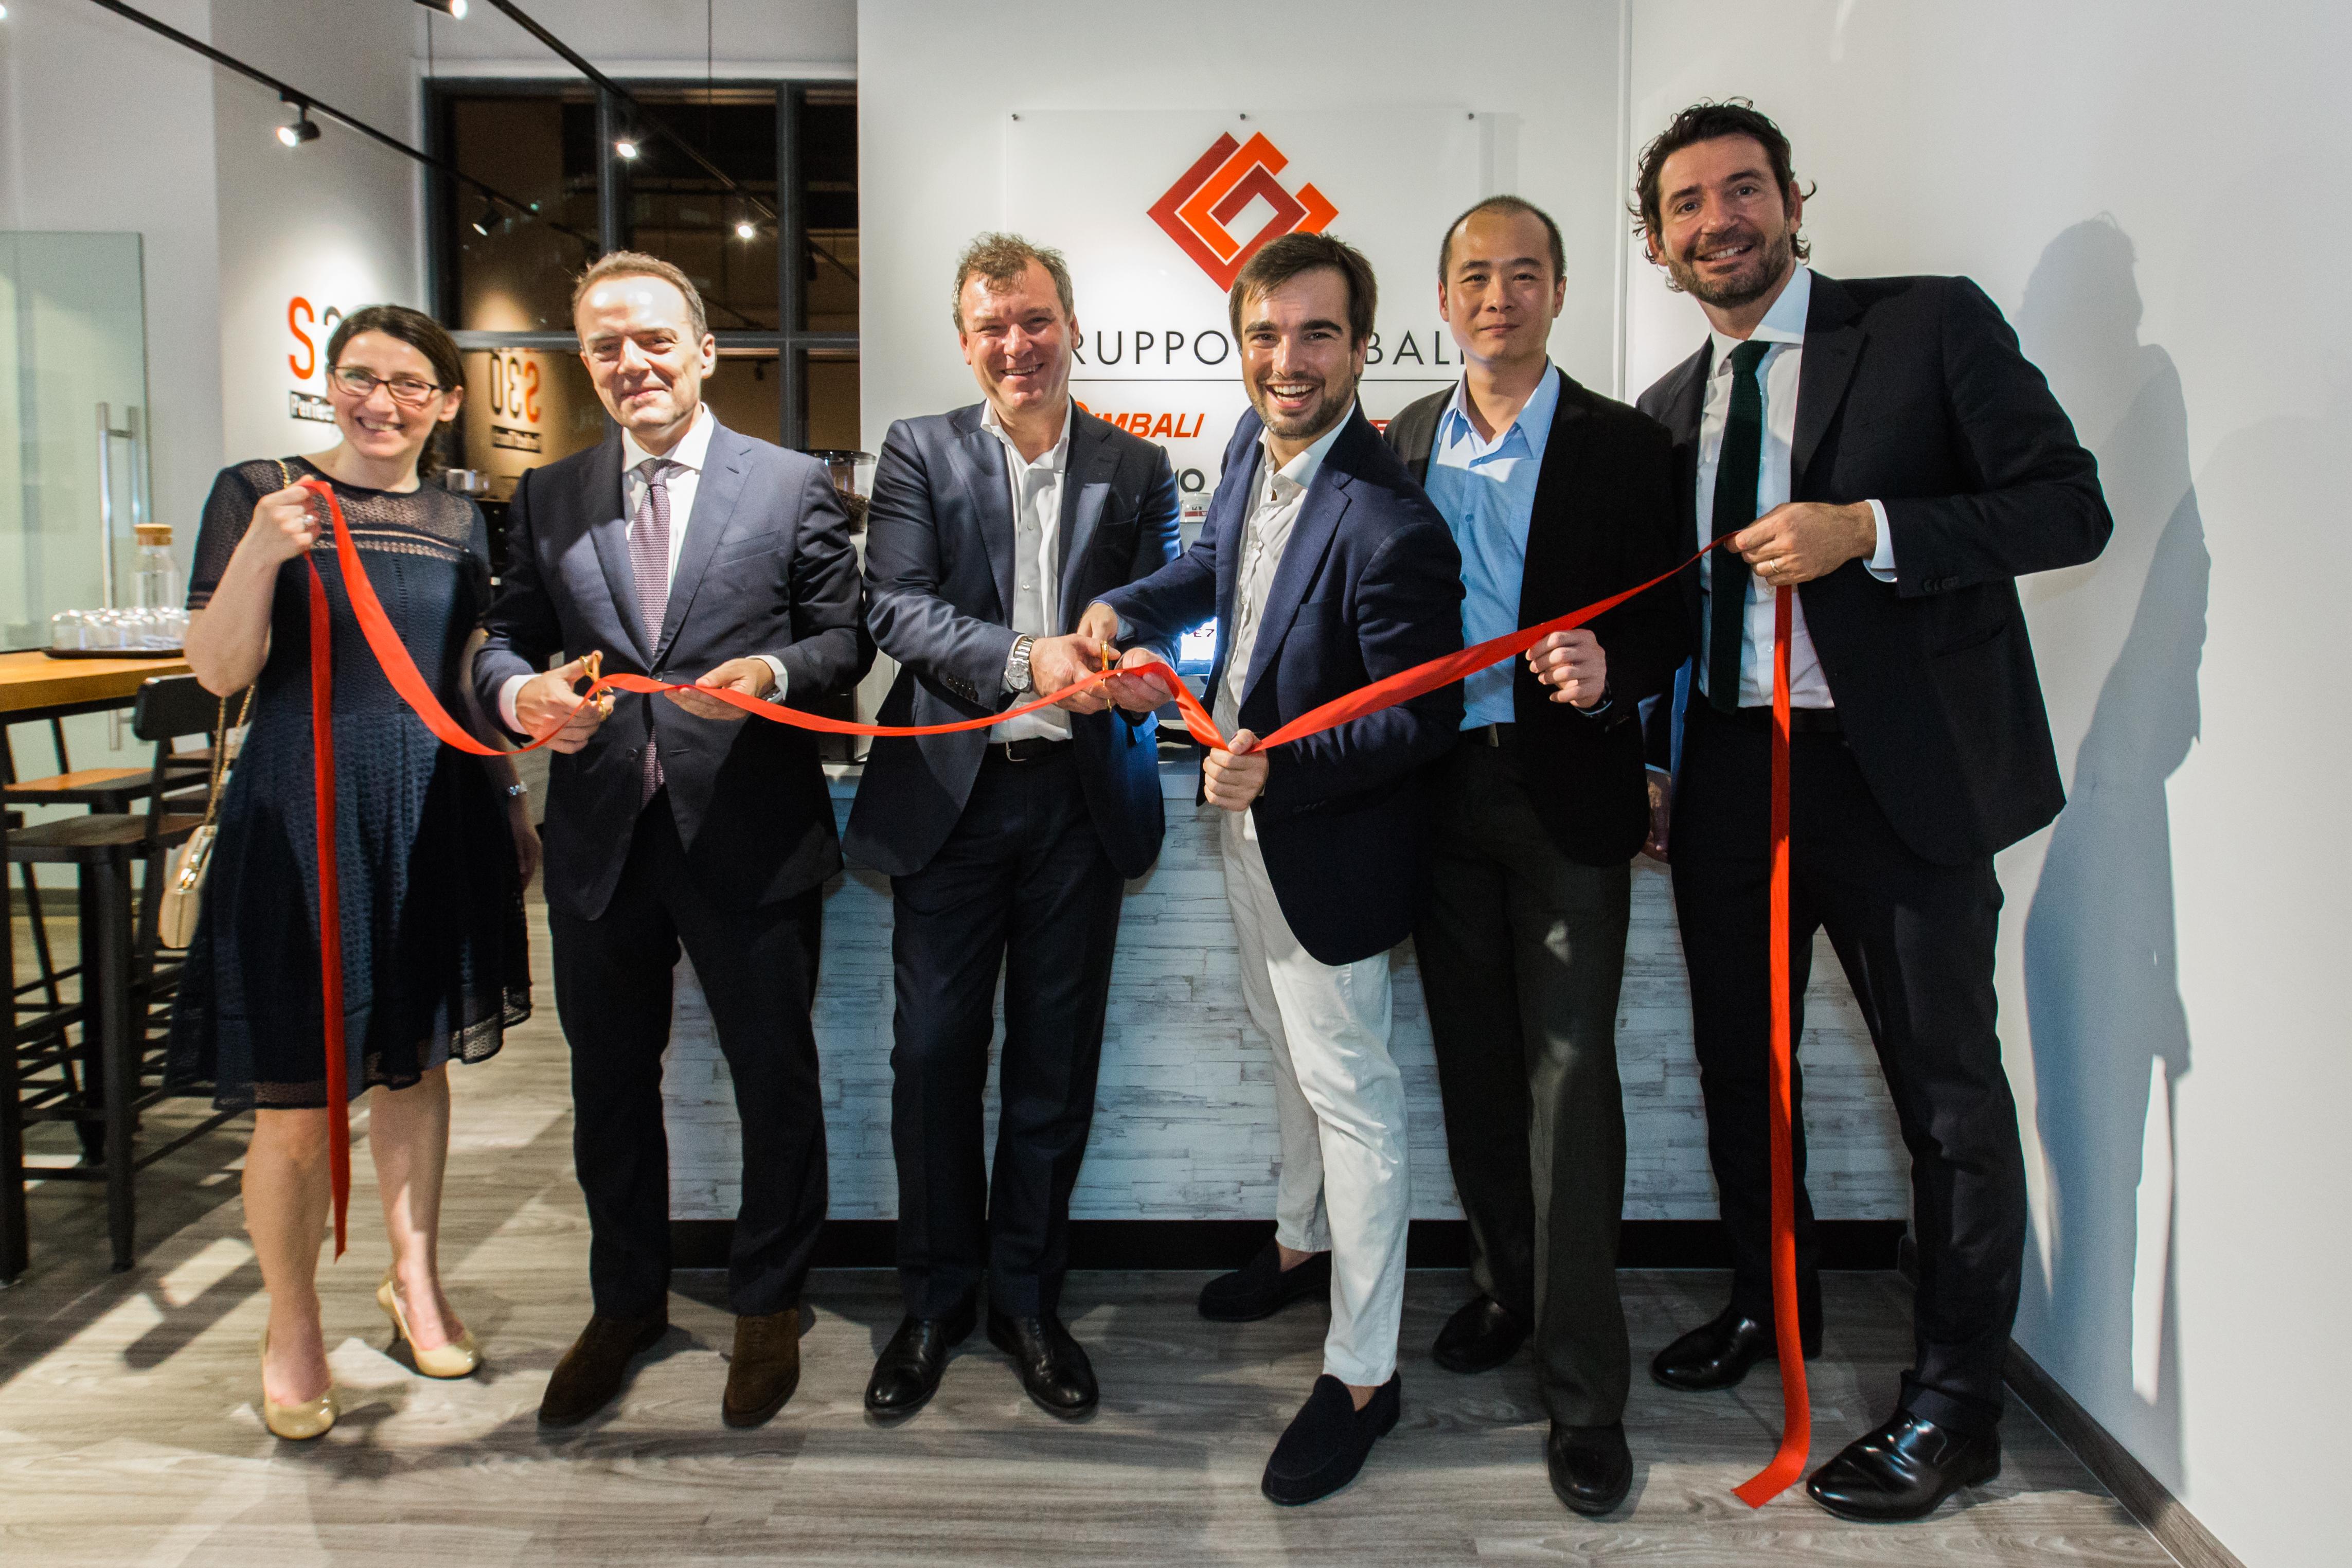 Ufficio Di Rappresentanza In Italia Dipendenti : Gruppo cimbali: inaugurato a singapore nuovo ufficio di rappresentanza